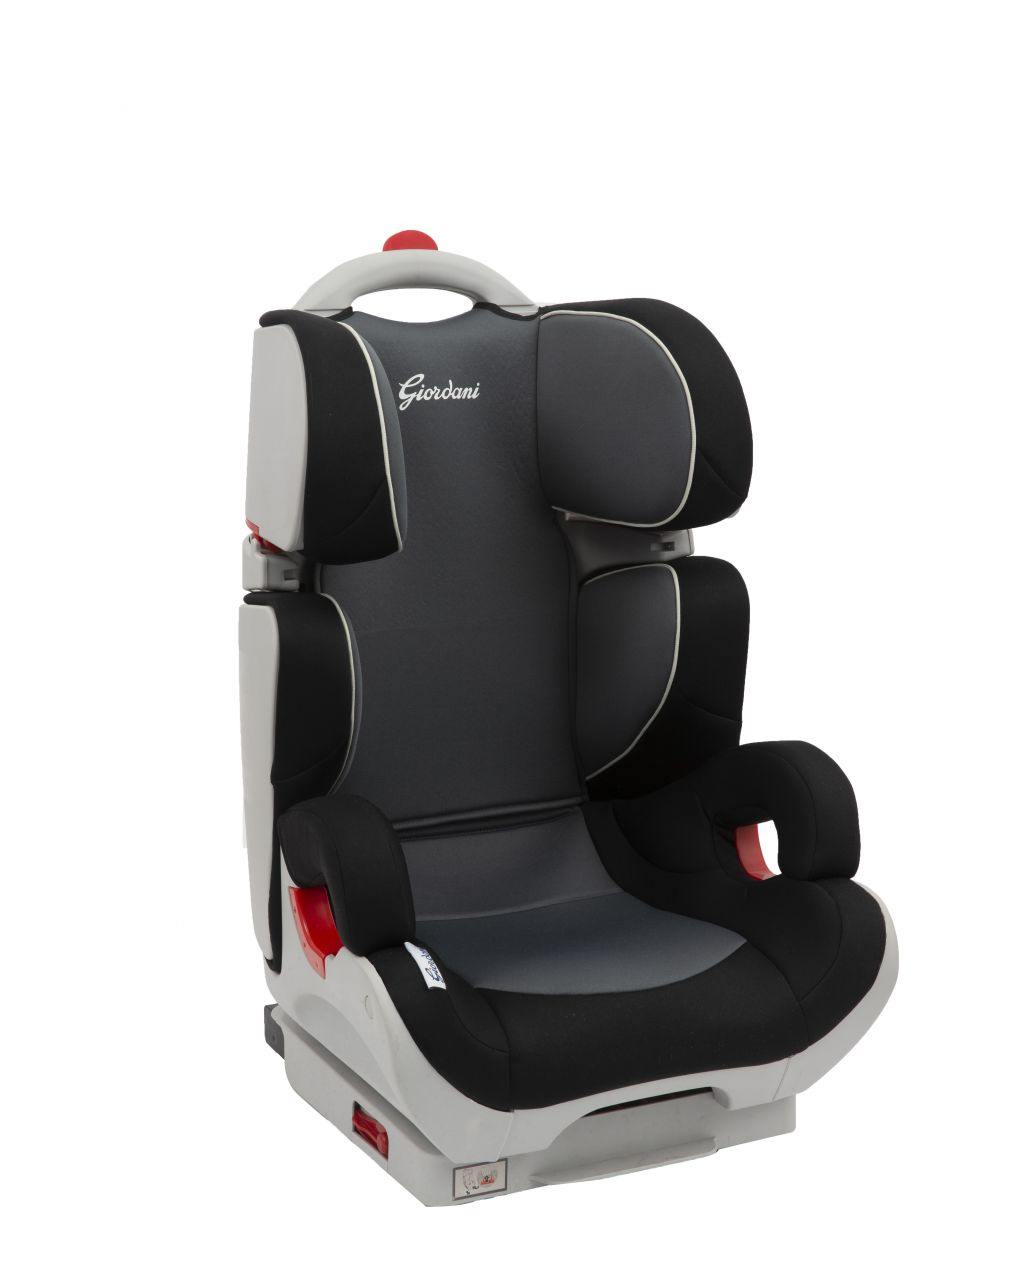 Giordani Κάθισμα Αυτοκινήτου Hyperion 2-3 Isofix